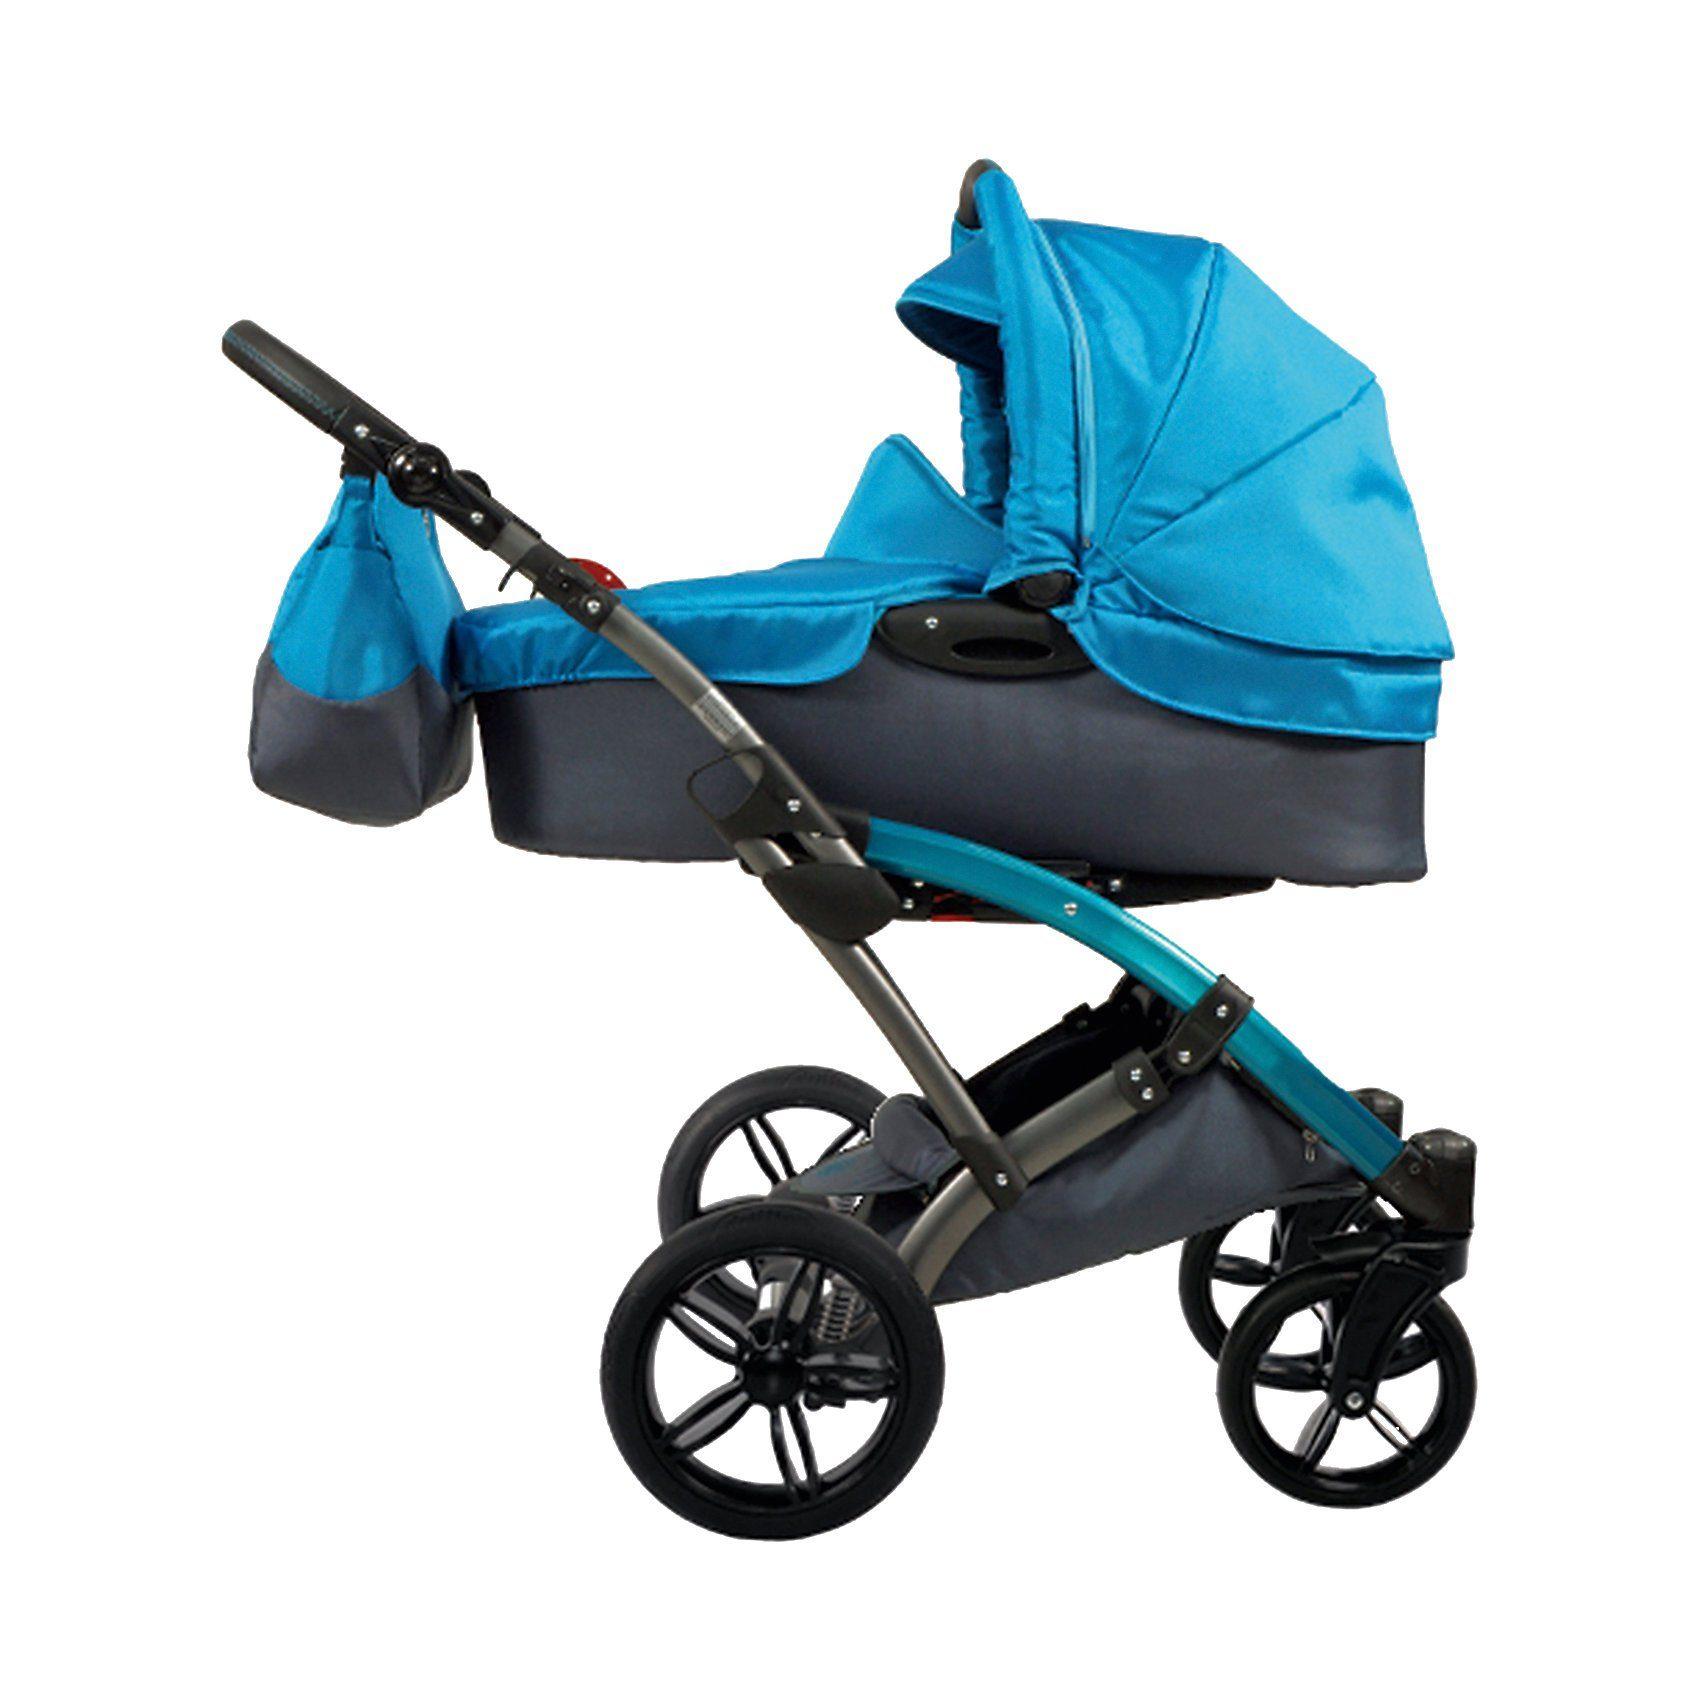 knorr-baby Kombi Kinderwagen Voletto Sport mit Wickeltasche, grau-türki